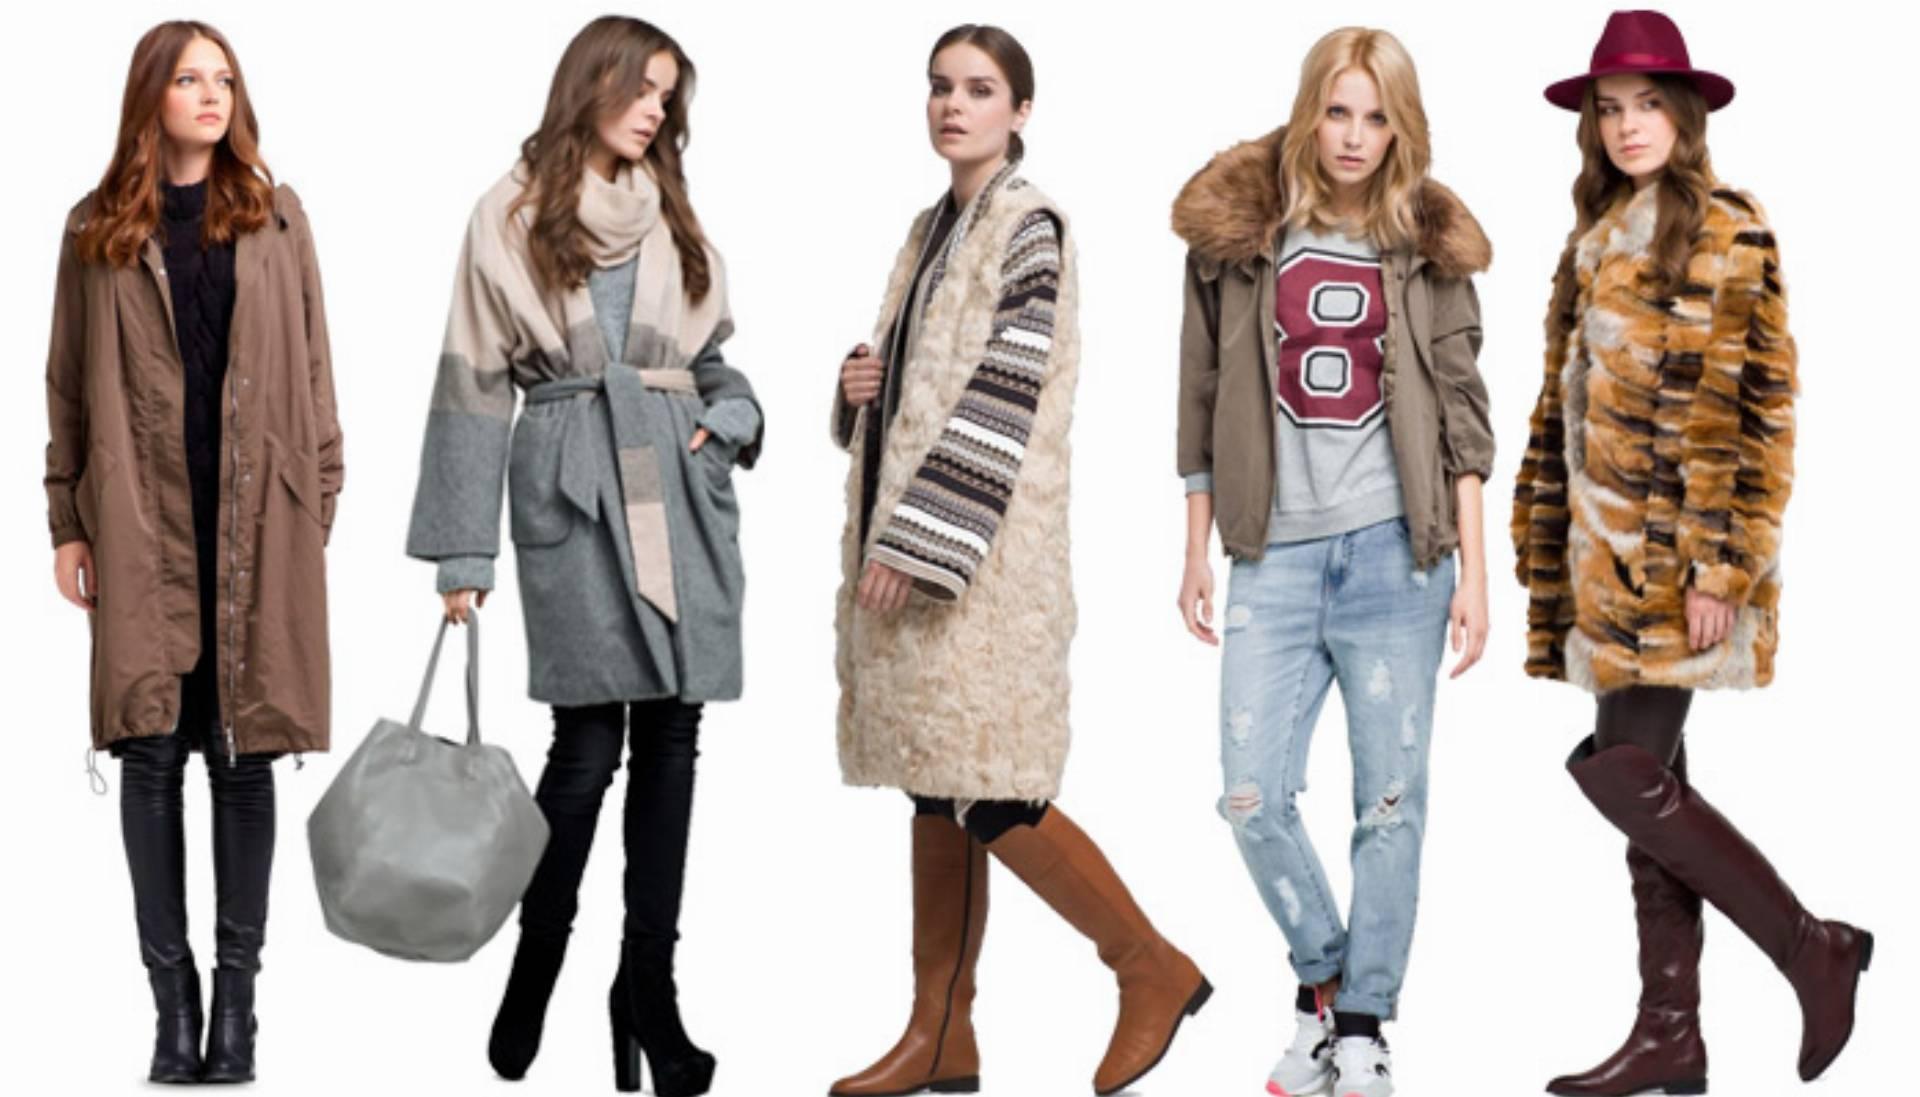 modne-kurtki-plaszcze-zima-2014-2015